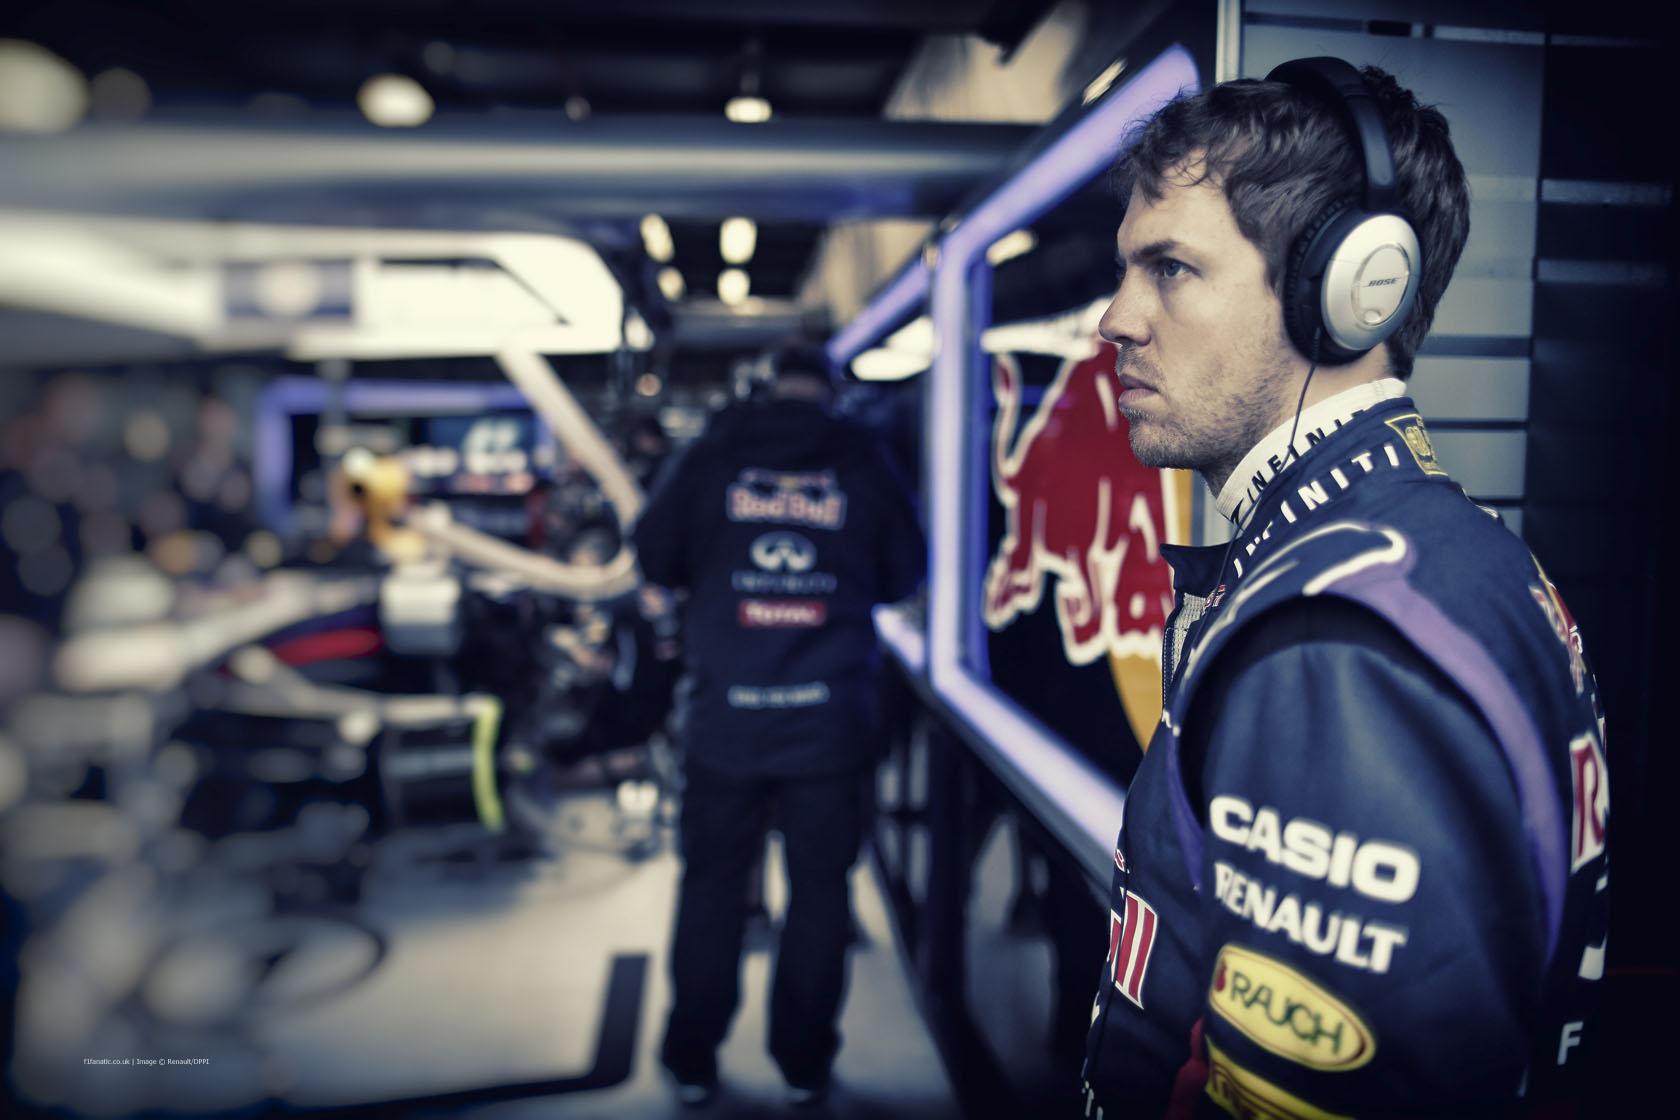 Australia 2014 f1 f1 Grand Prix of Australia